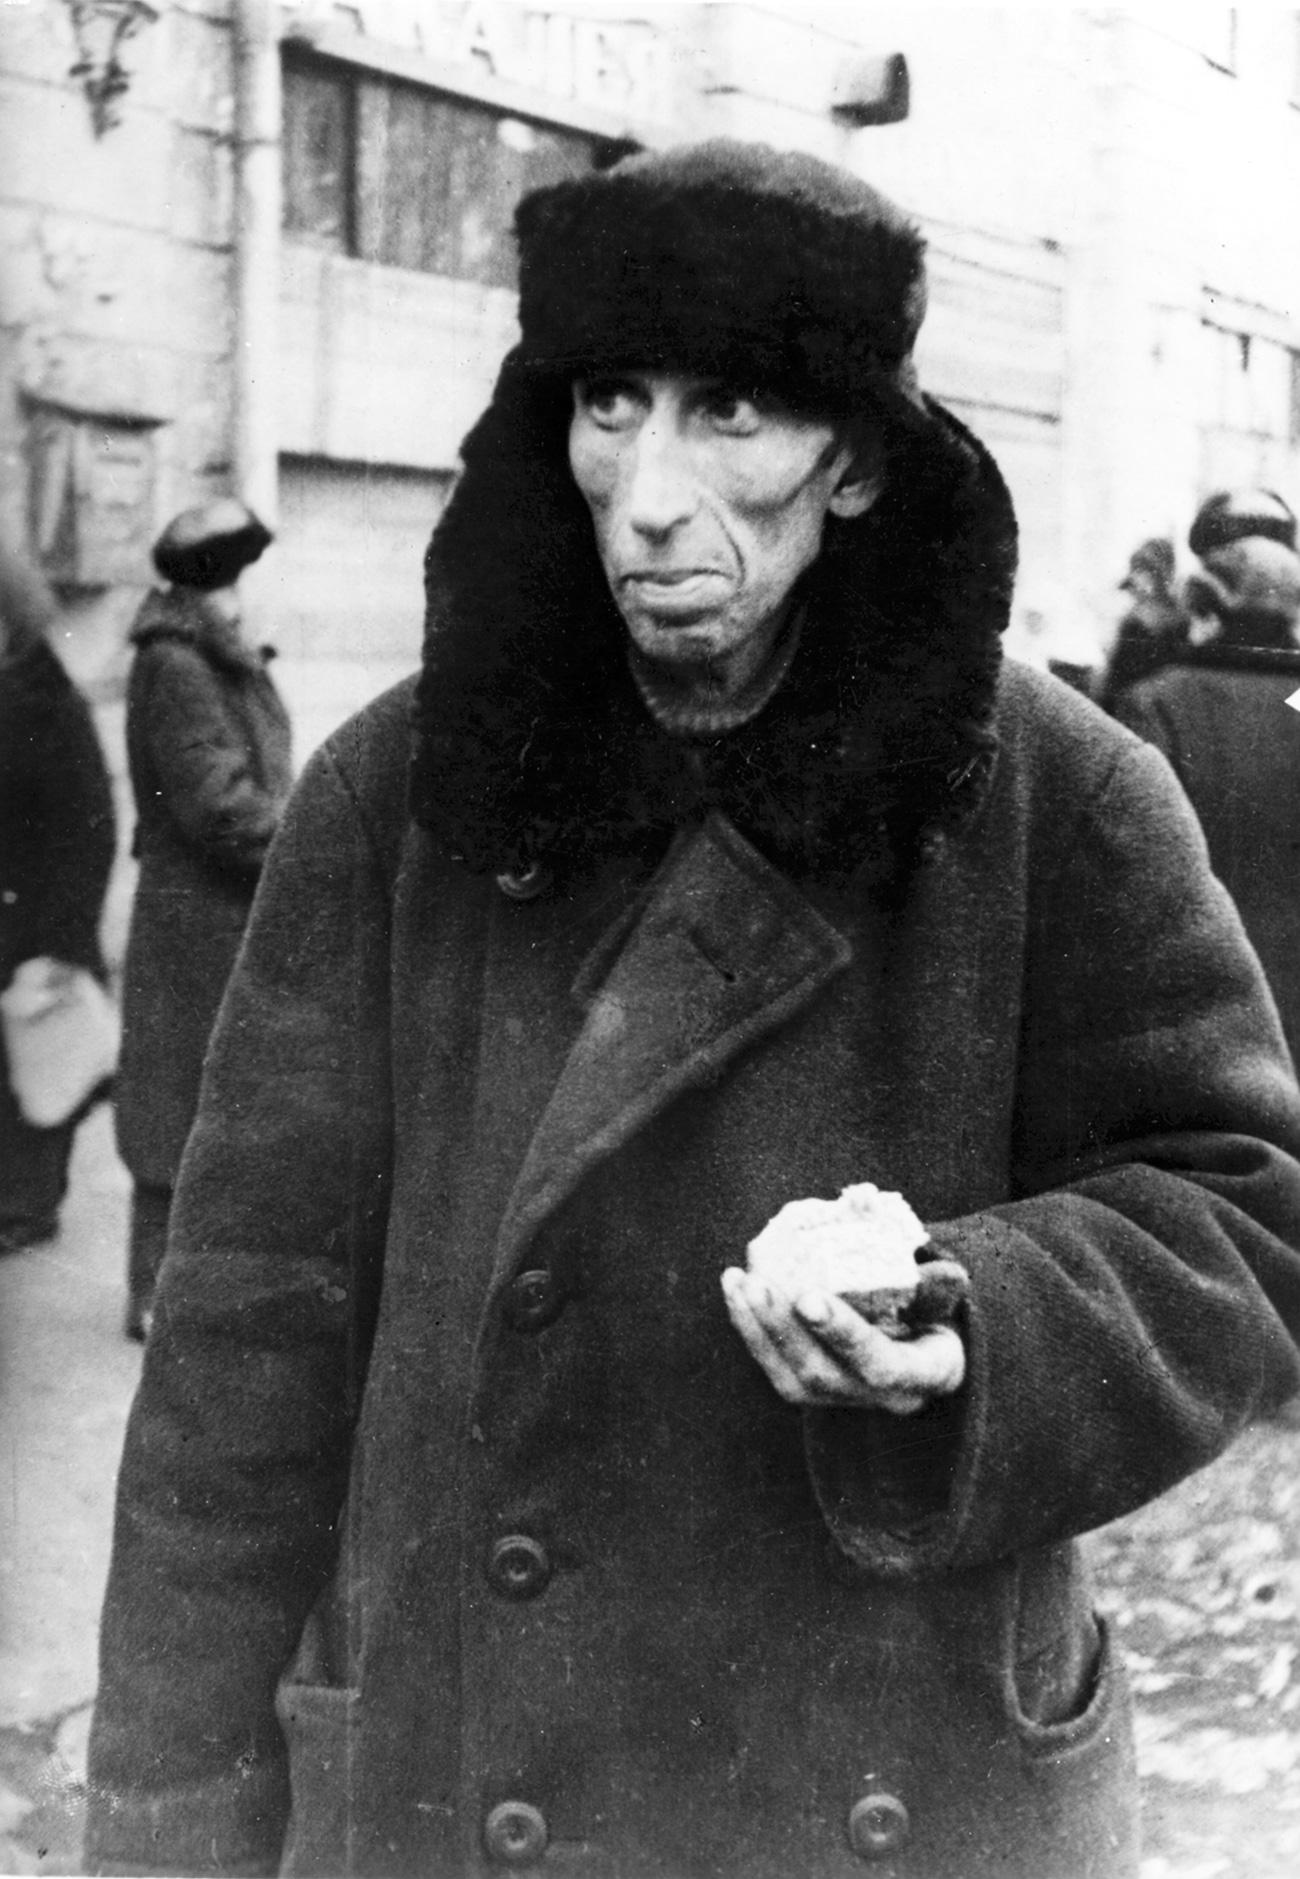 Già dal novembre 1941 a Leningrado avevano cominciato a scarseggiare i generi alimentari ed erano state introdotte le tessere di razionamento per poter distribuire equamente le modeste scorte di viveri rimaste agli abitanti della città. Nel corso del primo inverno dell'assedio perirono a causa del freddo e della fame 780mila leningradesi